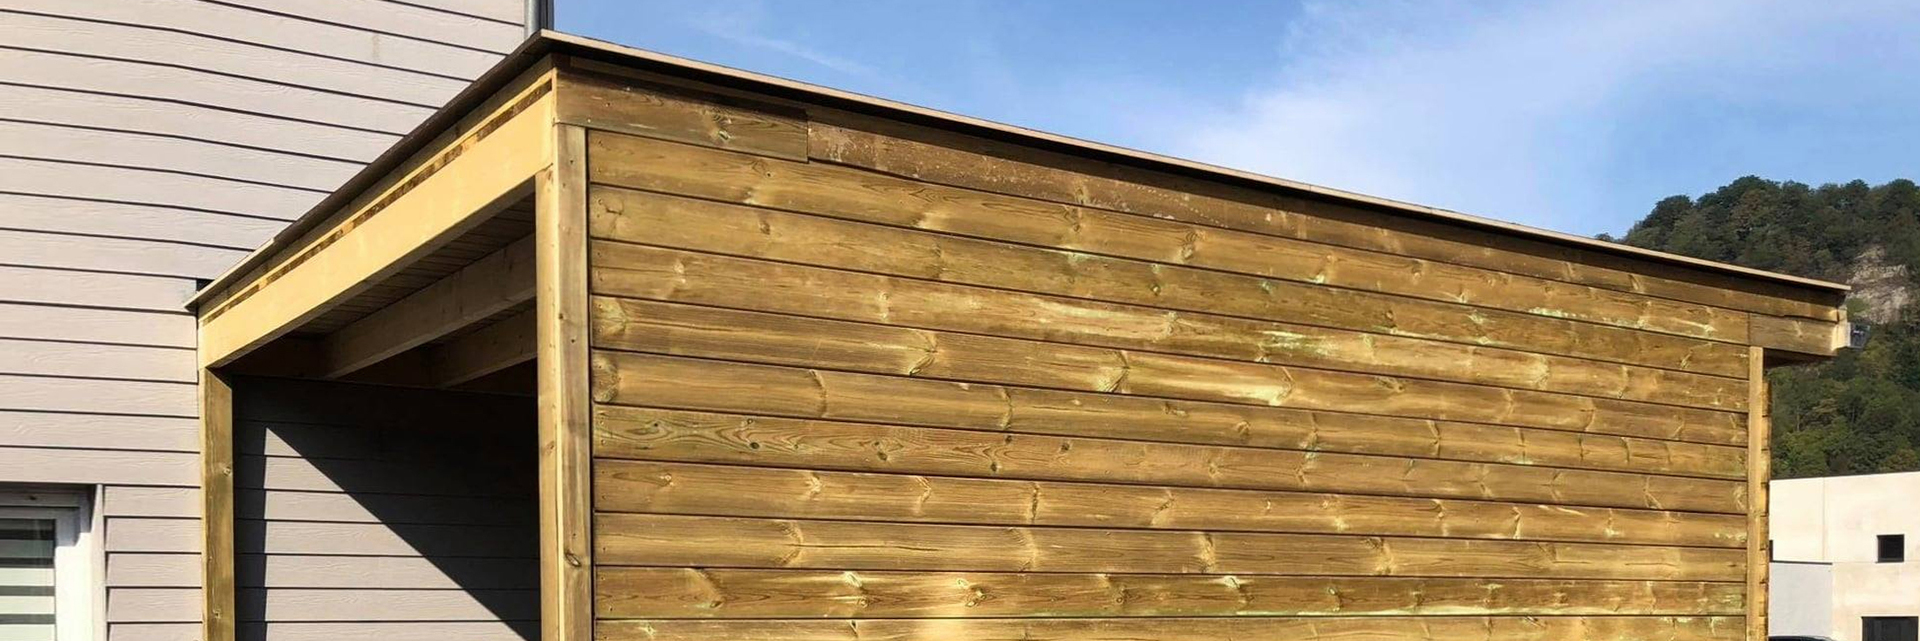 Jordan Pulfer Menuiserie - Menuiserie générale, rénovation et toiture